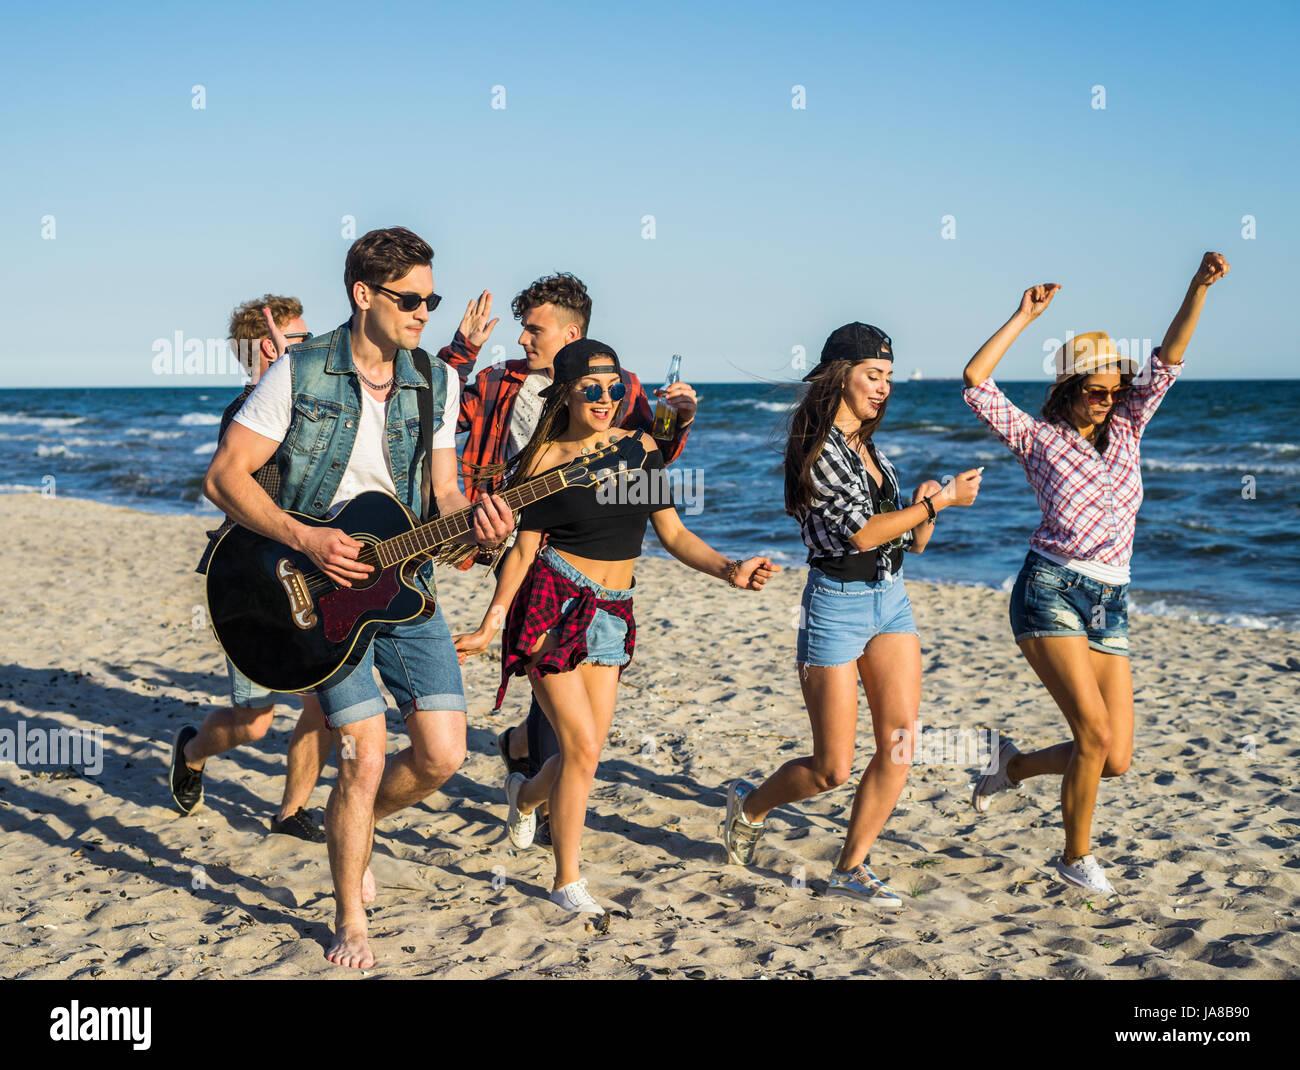 El hombre tocando la guitarra en la playa y sus amigos bailan alrededor de él Imagen De Stock